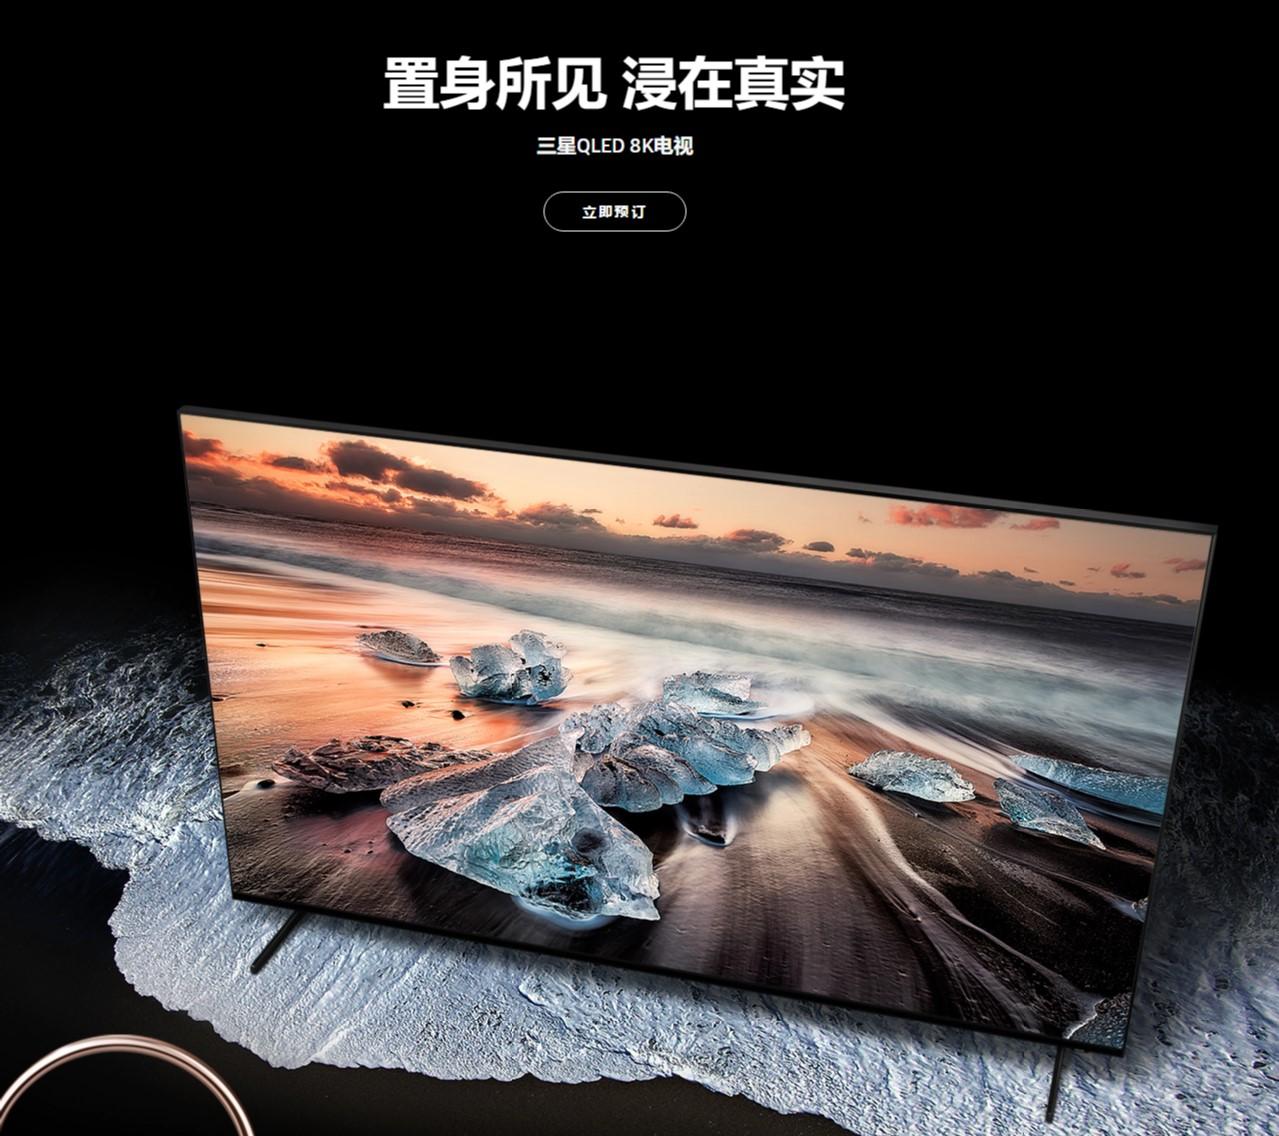 100万的电视了解下!三星98寸QLED 8K电视国行开售